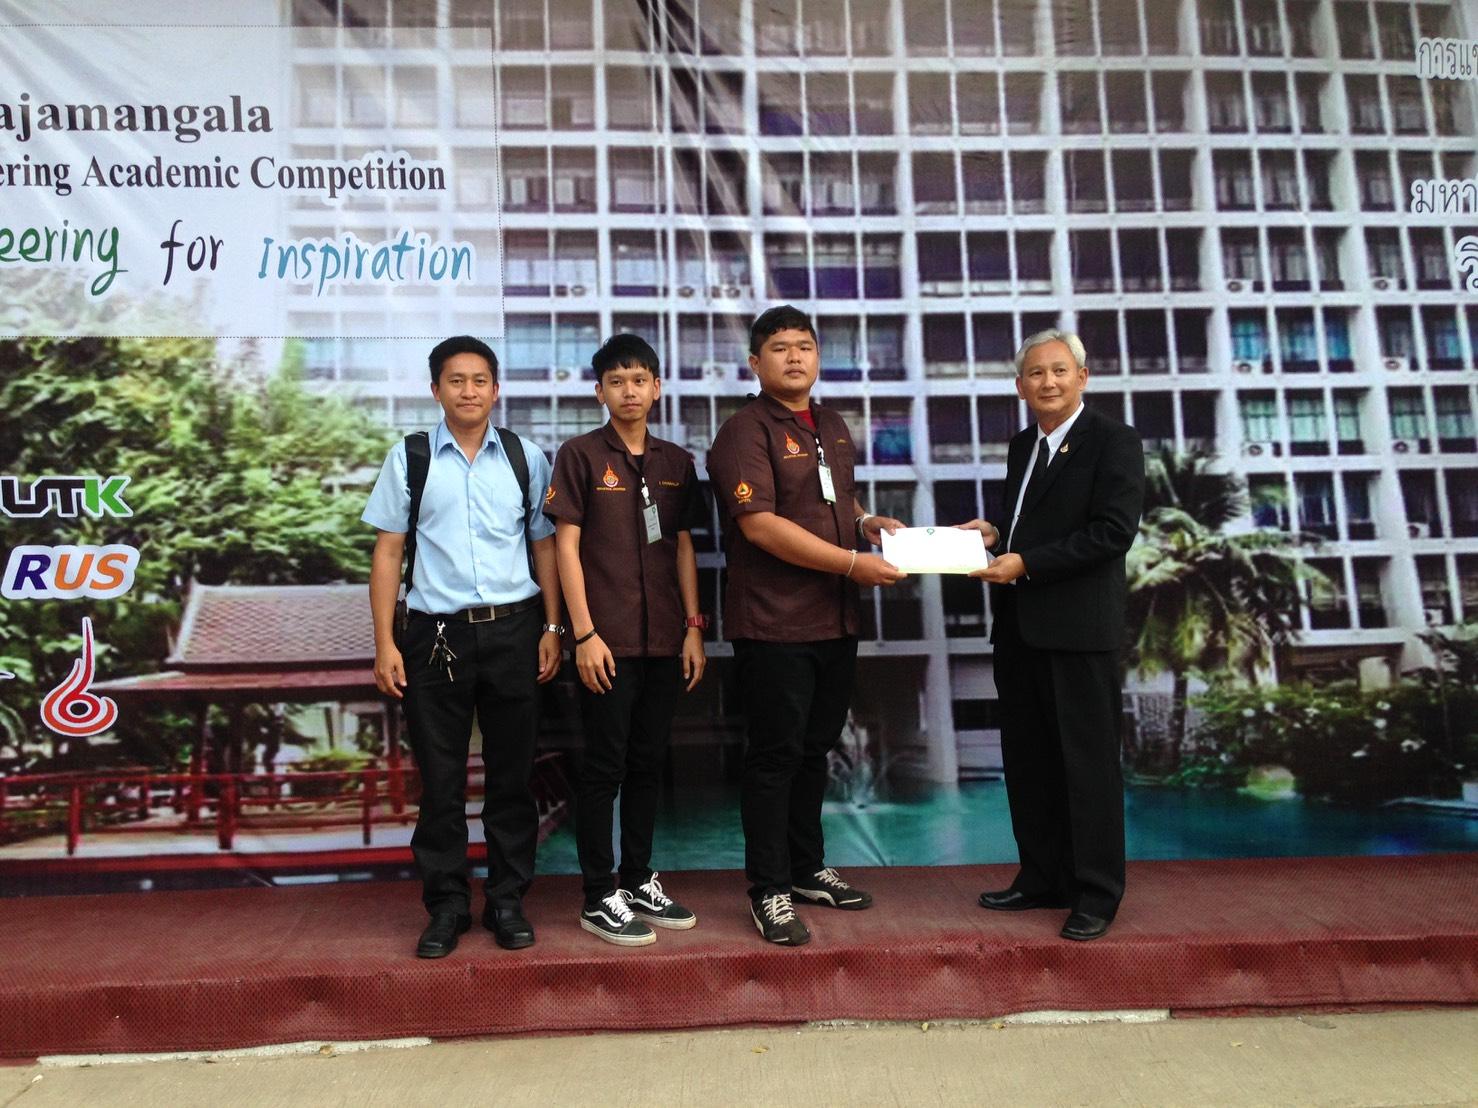 รองชนะเลิศอันดับ 1 รายการแข่งขันเขียนแบบวิศวกรรมด้วยคอมพิวเตอร์สามมิติ